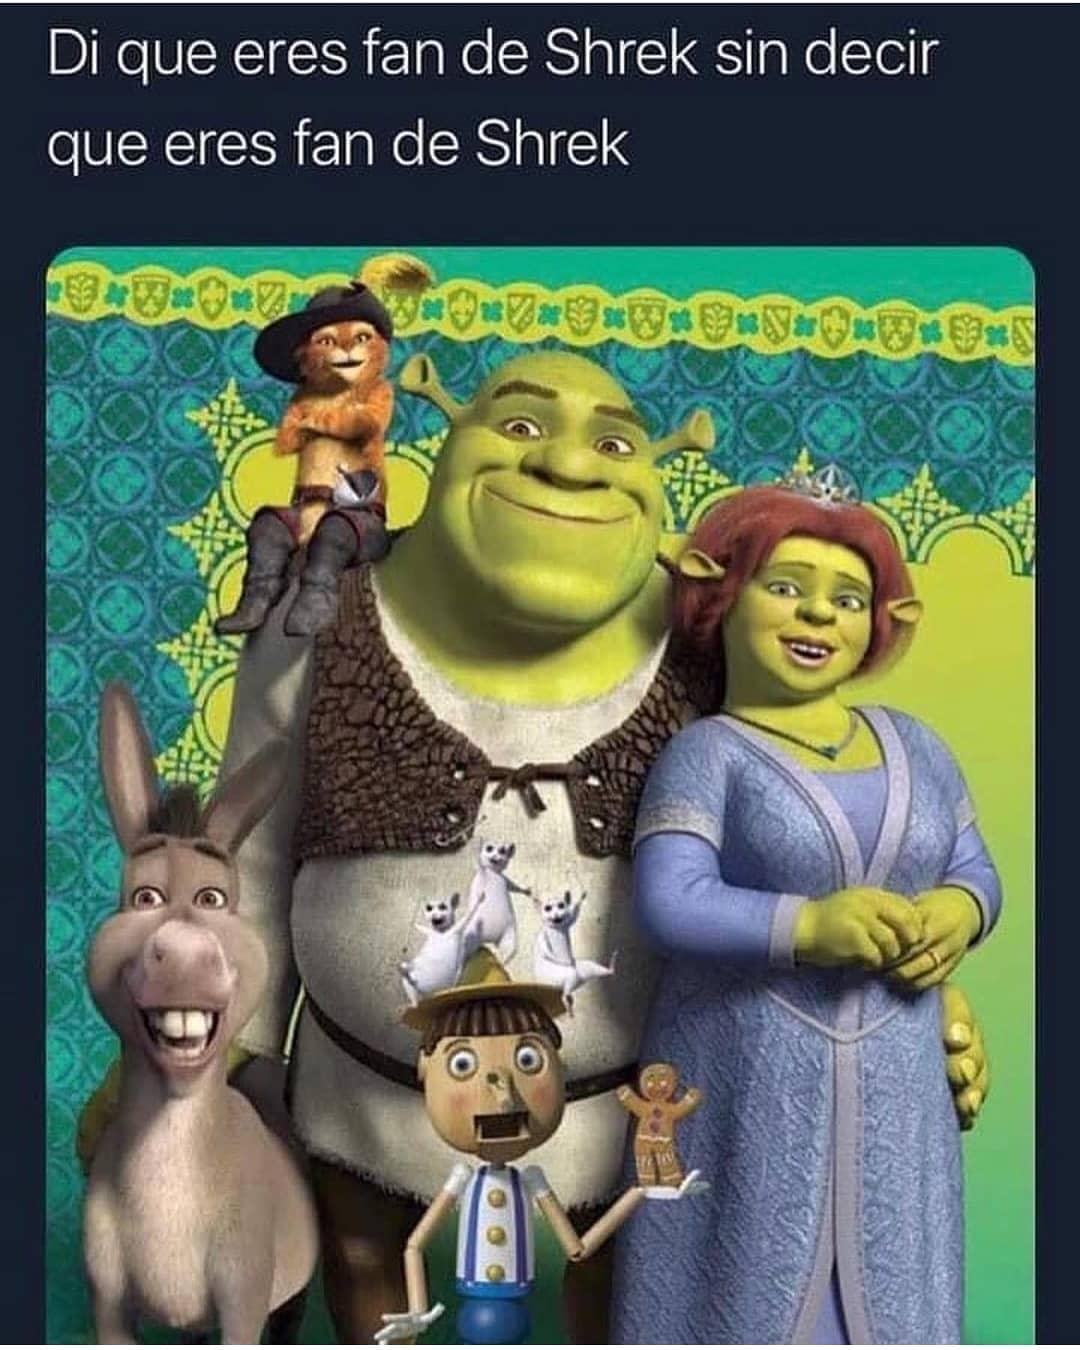 Di que eres fan de Shrek sin decir que eres fan de Shrek.